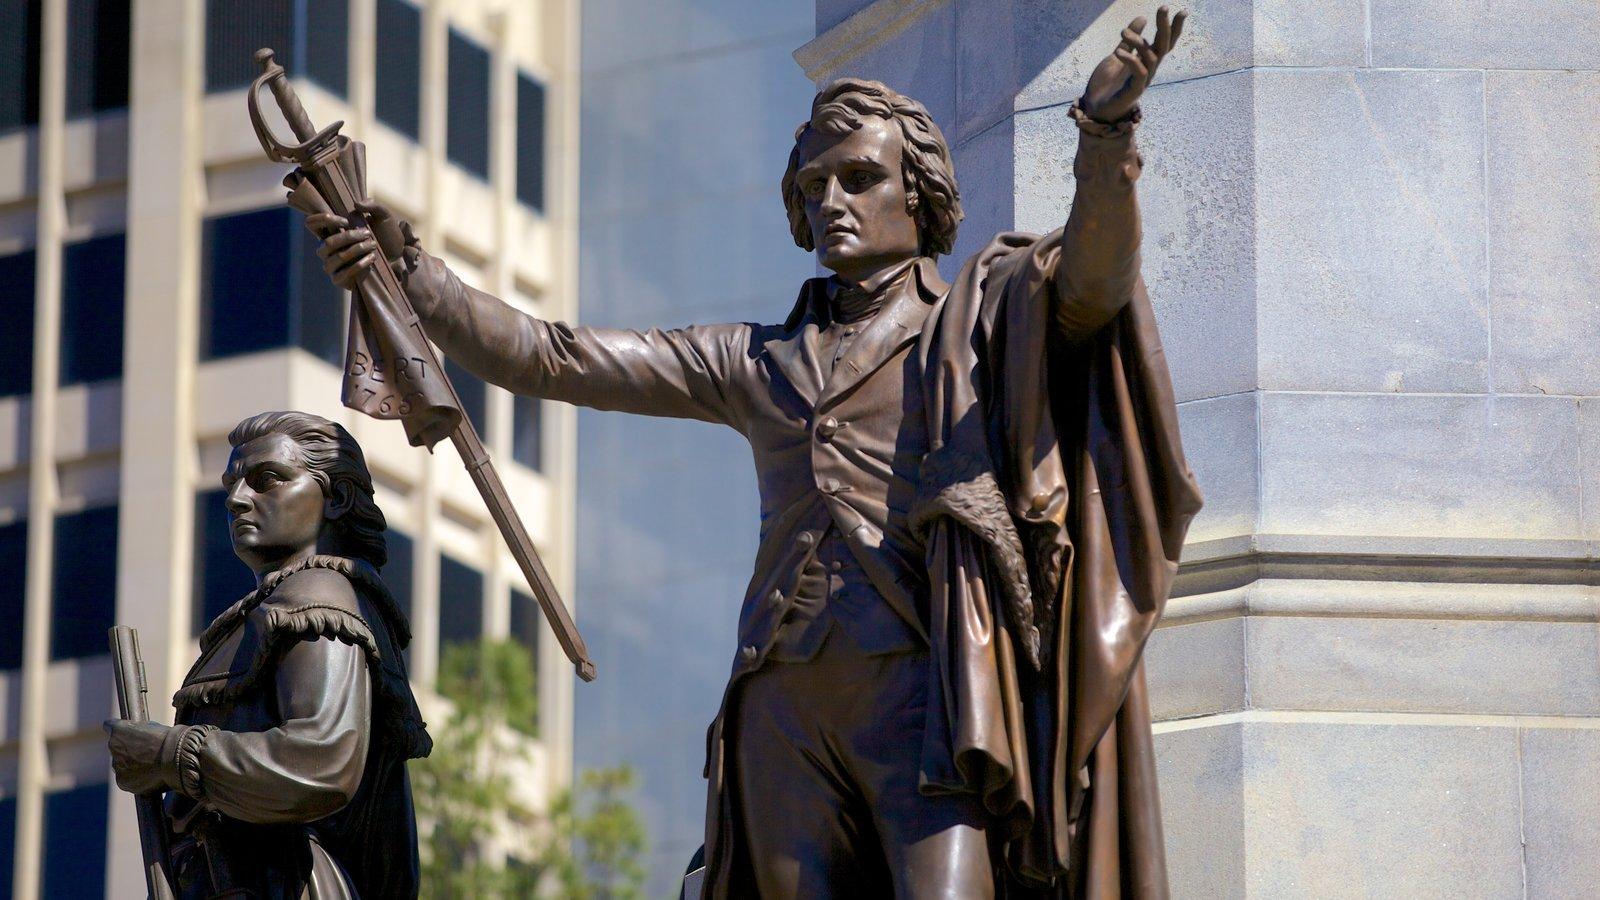 Capitólio Estadual da Virgínia que inclui uma estátua ou escultura